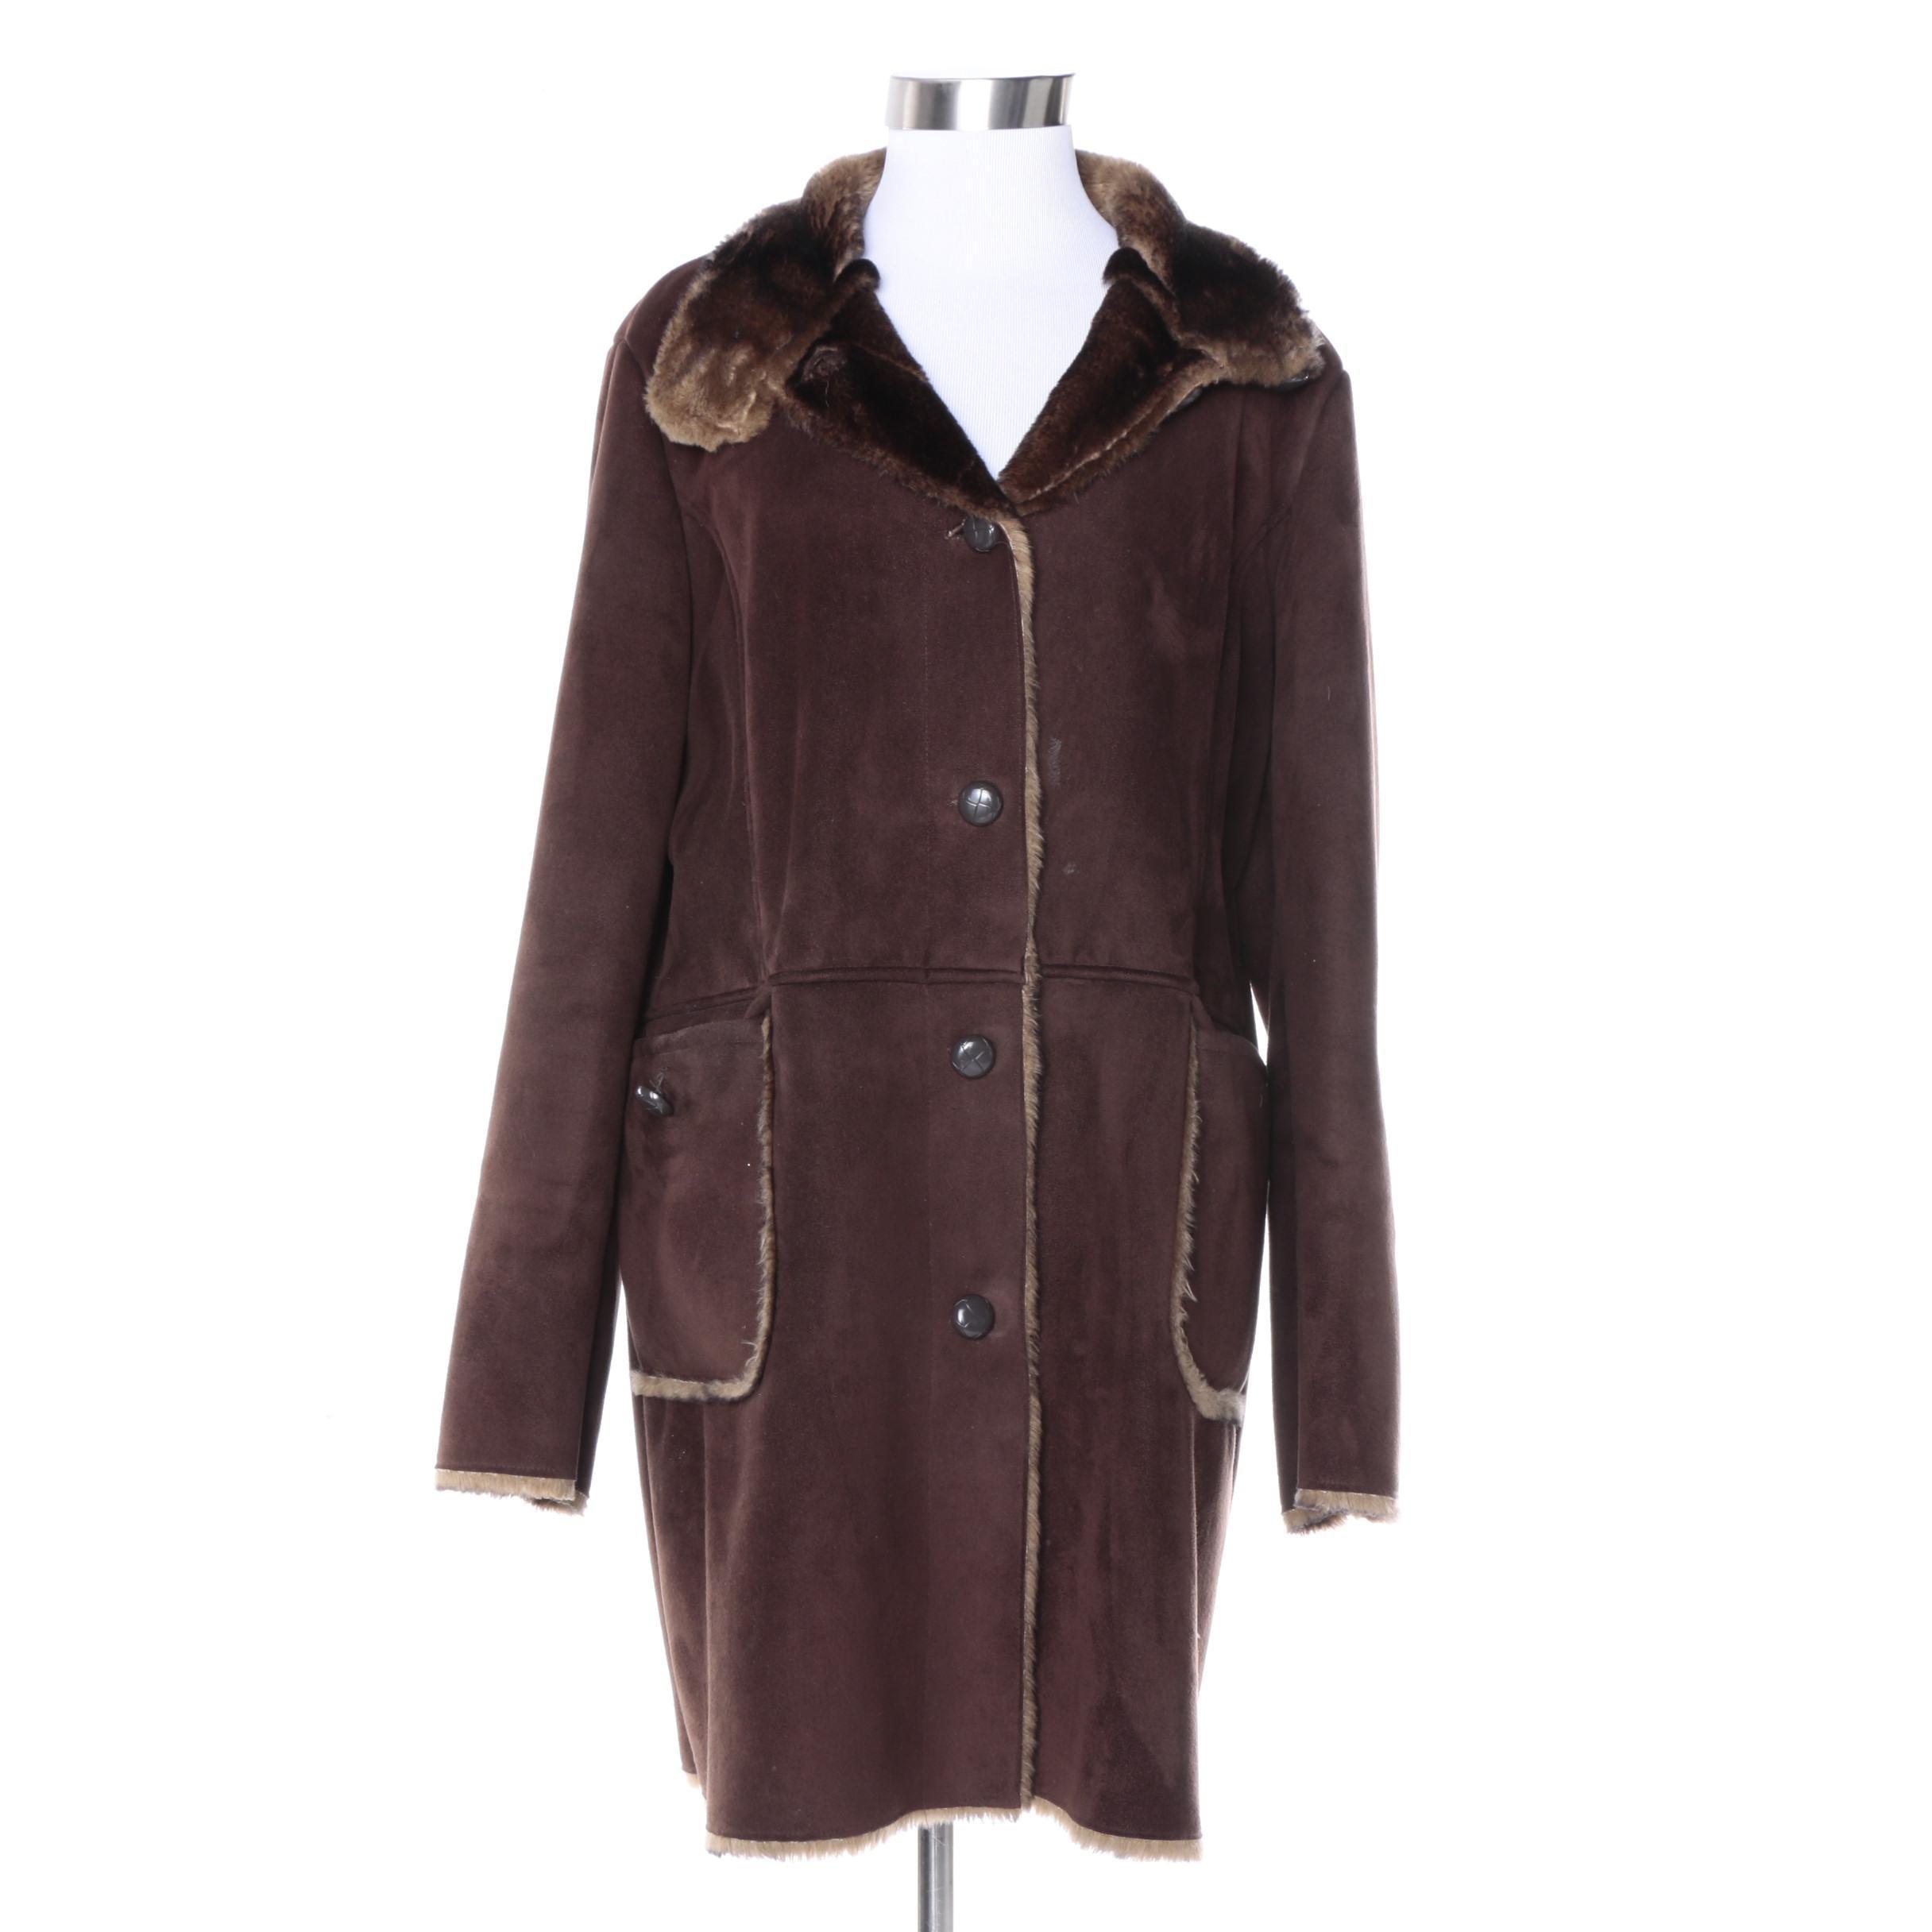 Women's Orvis Faux Shearling Jacket